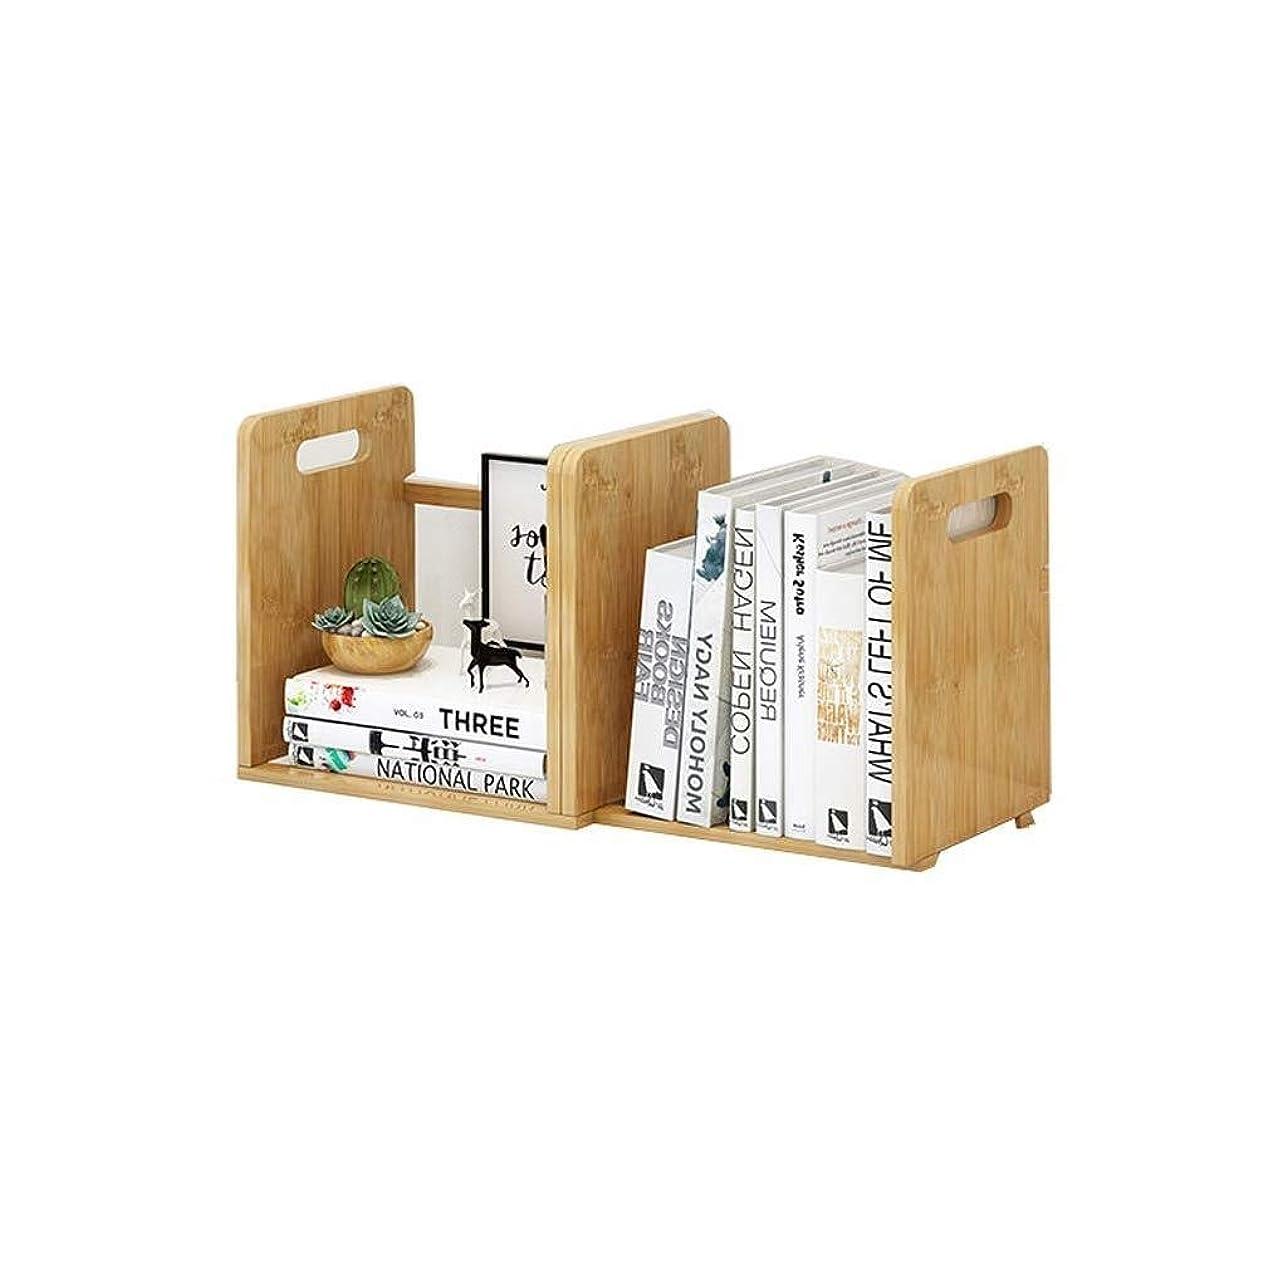 たるみ寝る足枷本棚純木本棚床シンプルな家具装飾本雑貨収納棚本棚62×19×23センチ